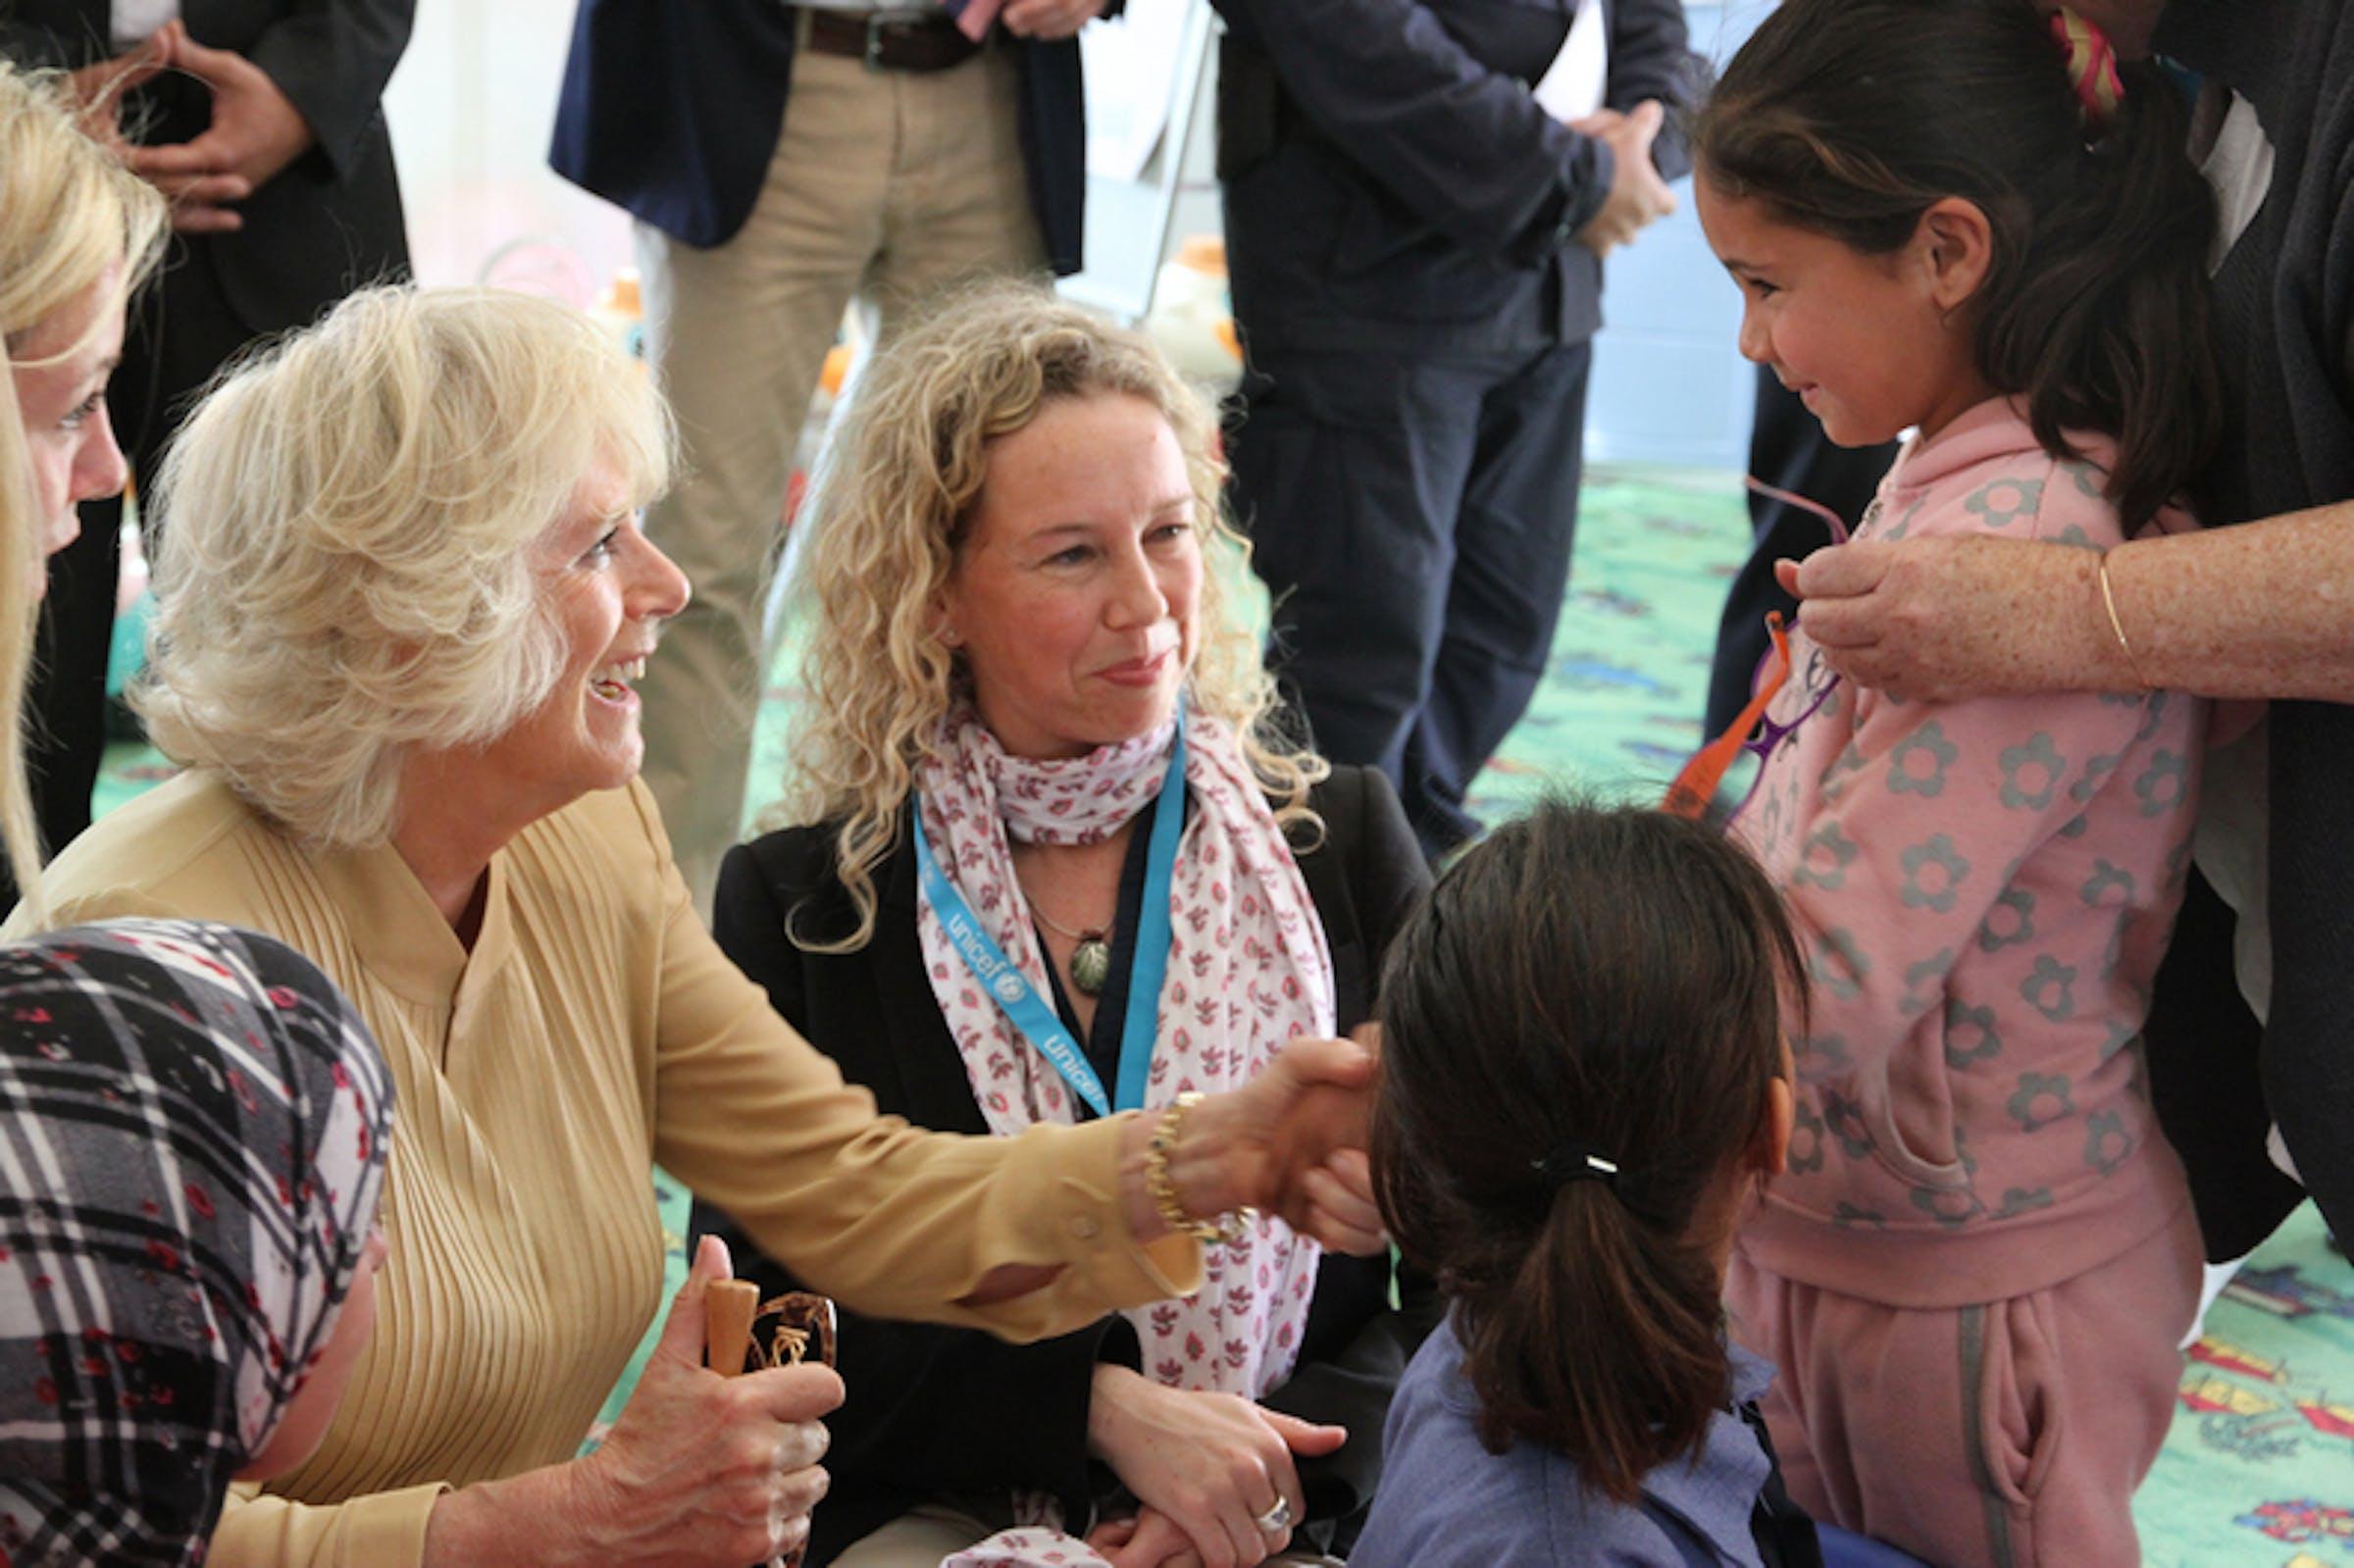 Camilla Shand, Duchessa di Cornovaglia, durante la visita della coppia reale inglese nel campo per profughi siriani ''King Abdullah'' in Giordania - ©UNICEF UK/2013/Katie Morrison